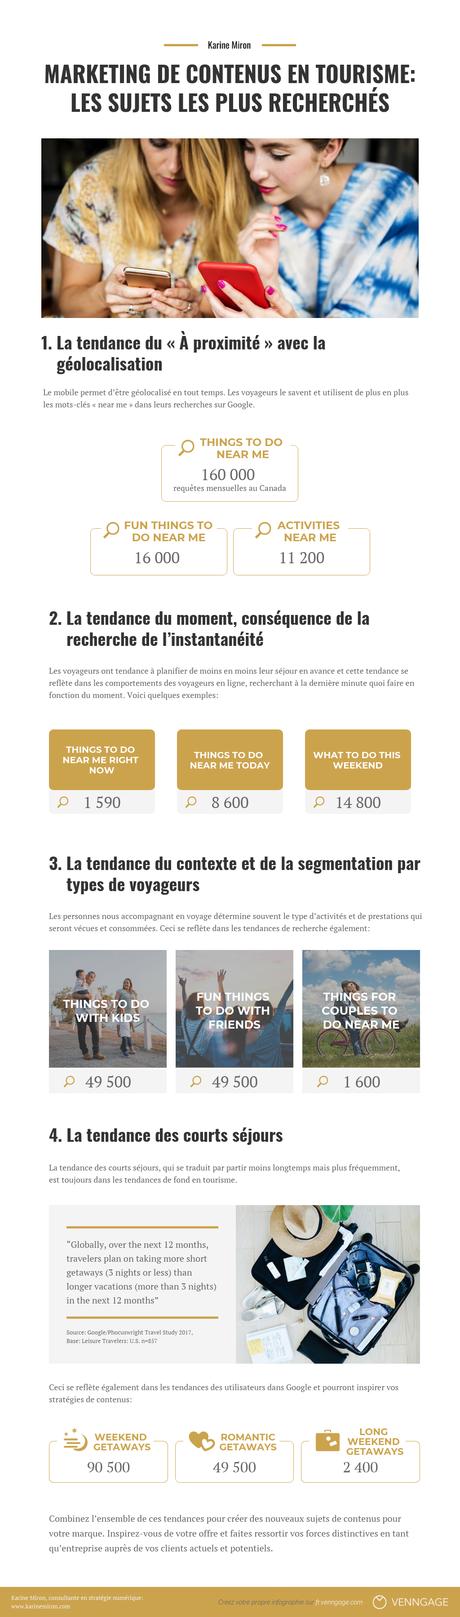 Marketing de contenus en tourisme: les sujets les plus recherchés en 2019 [Infographie]